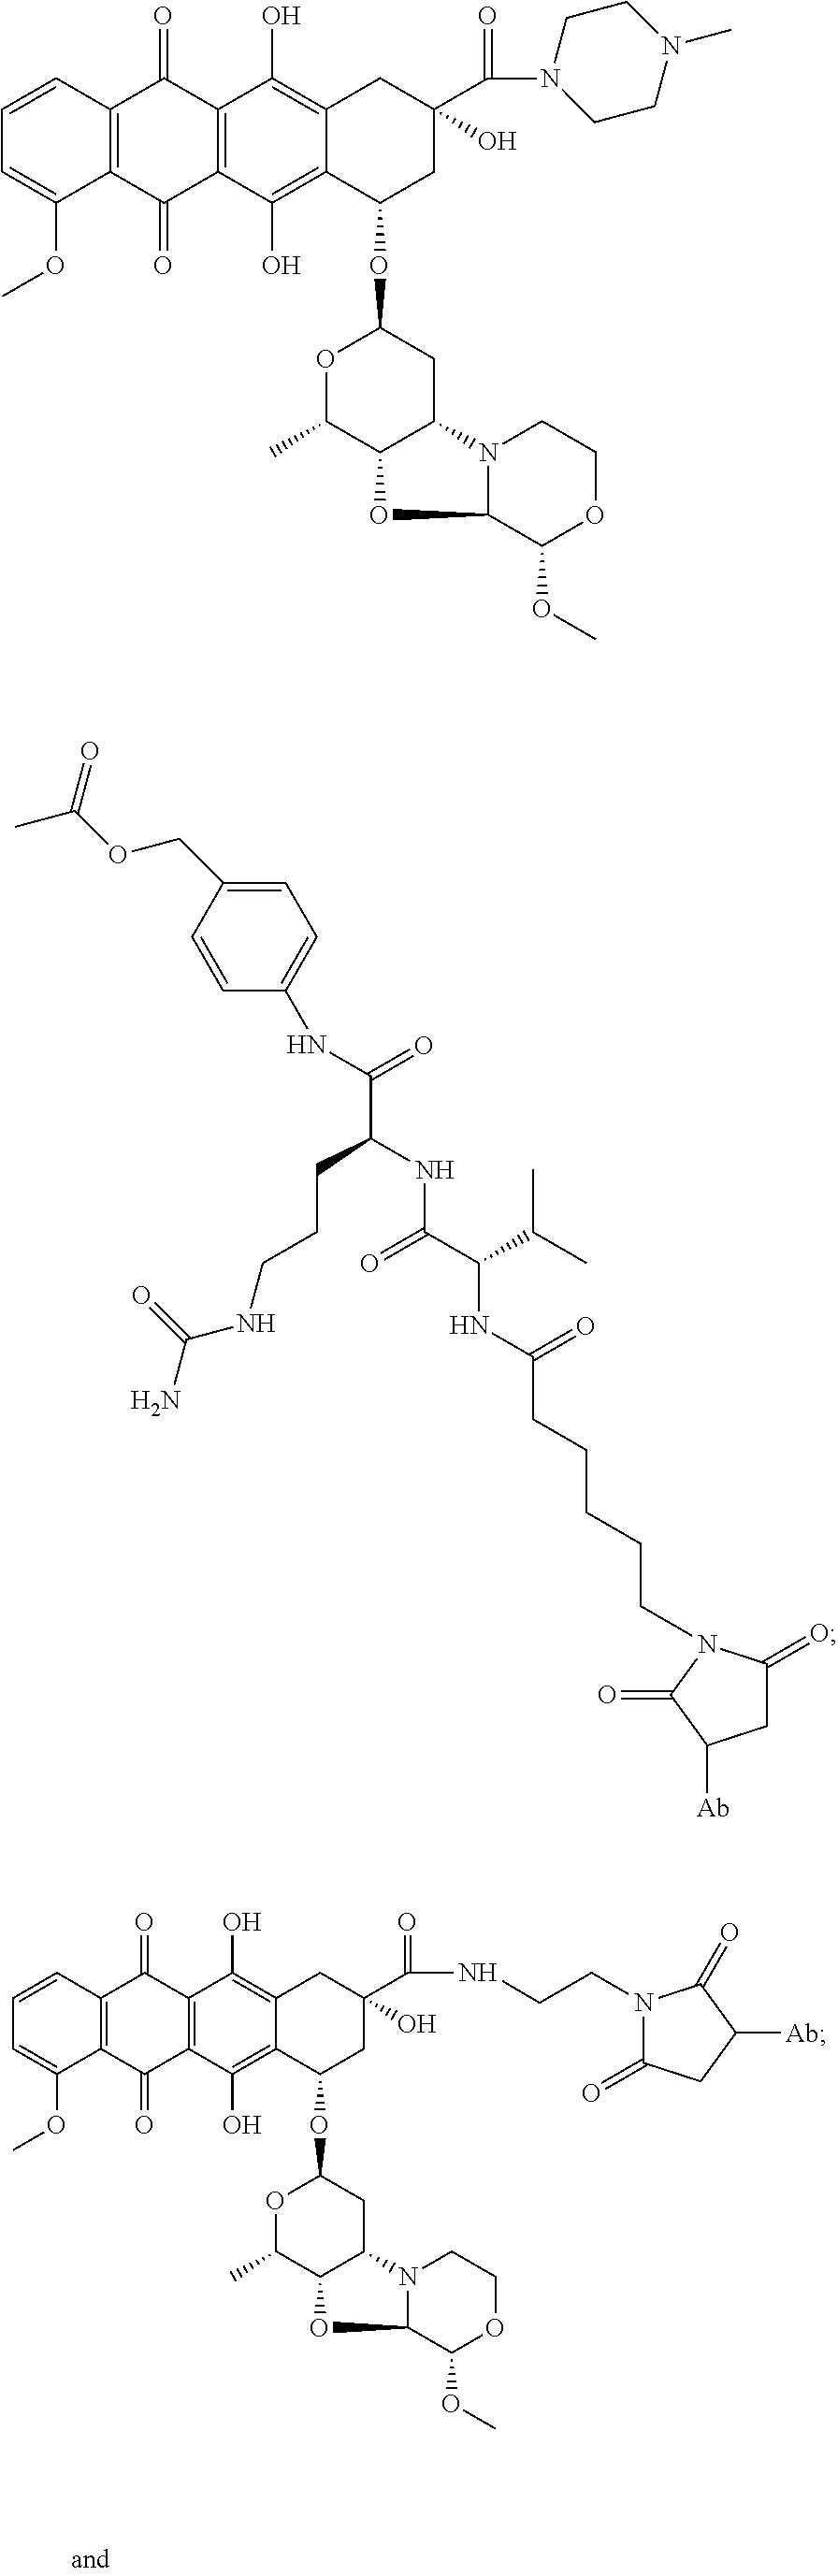 Figure US09695240-20170704-C00115